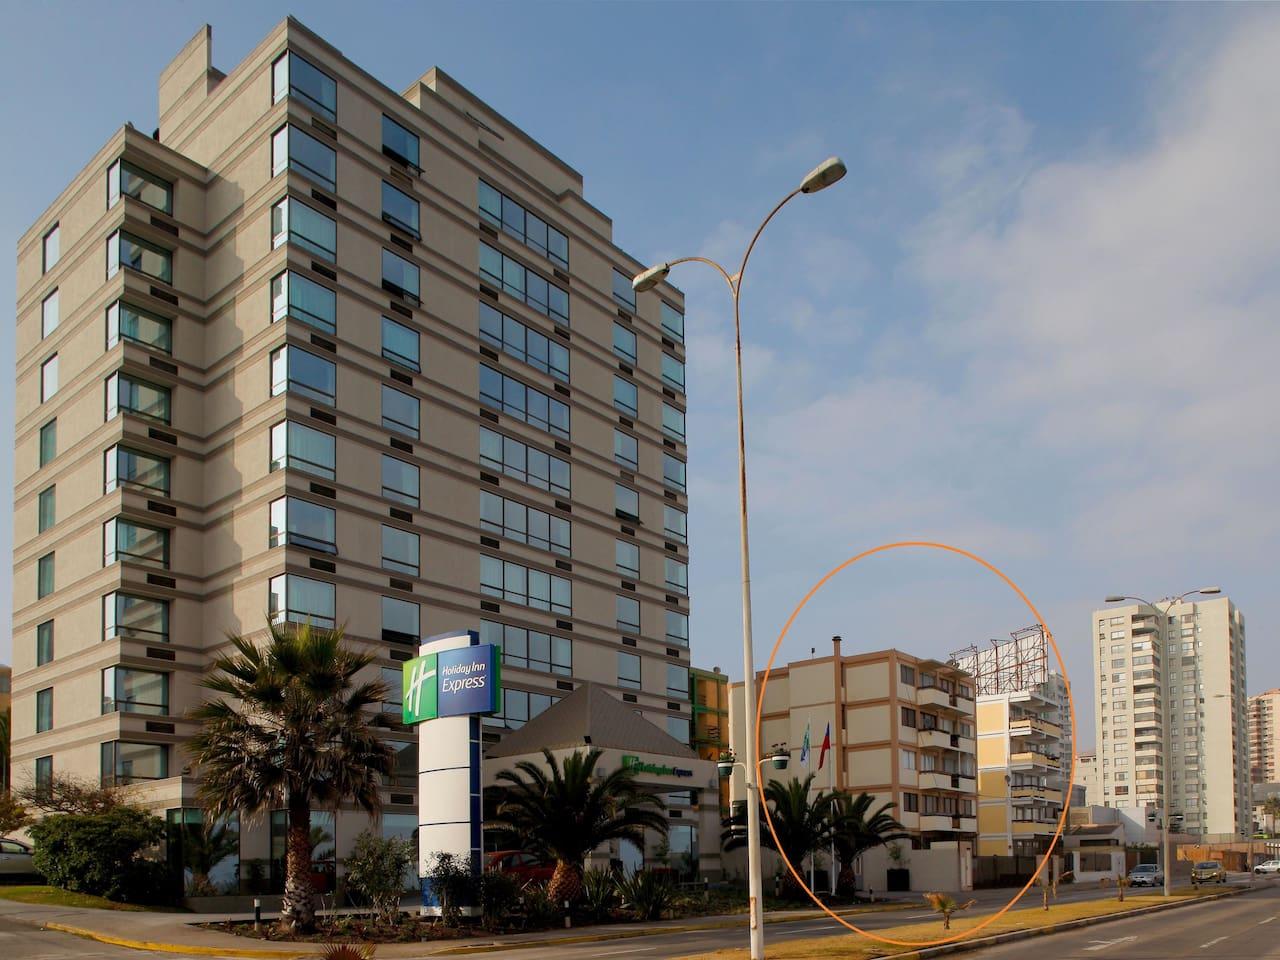 Edificio ubicado en la costanera de la ciudad, departamento con vista al mar.